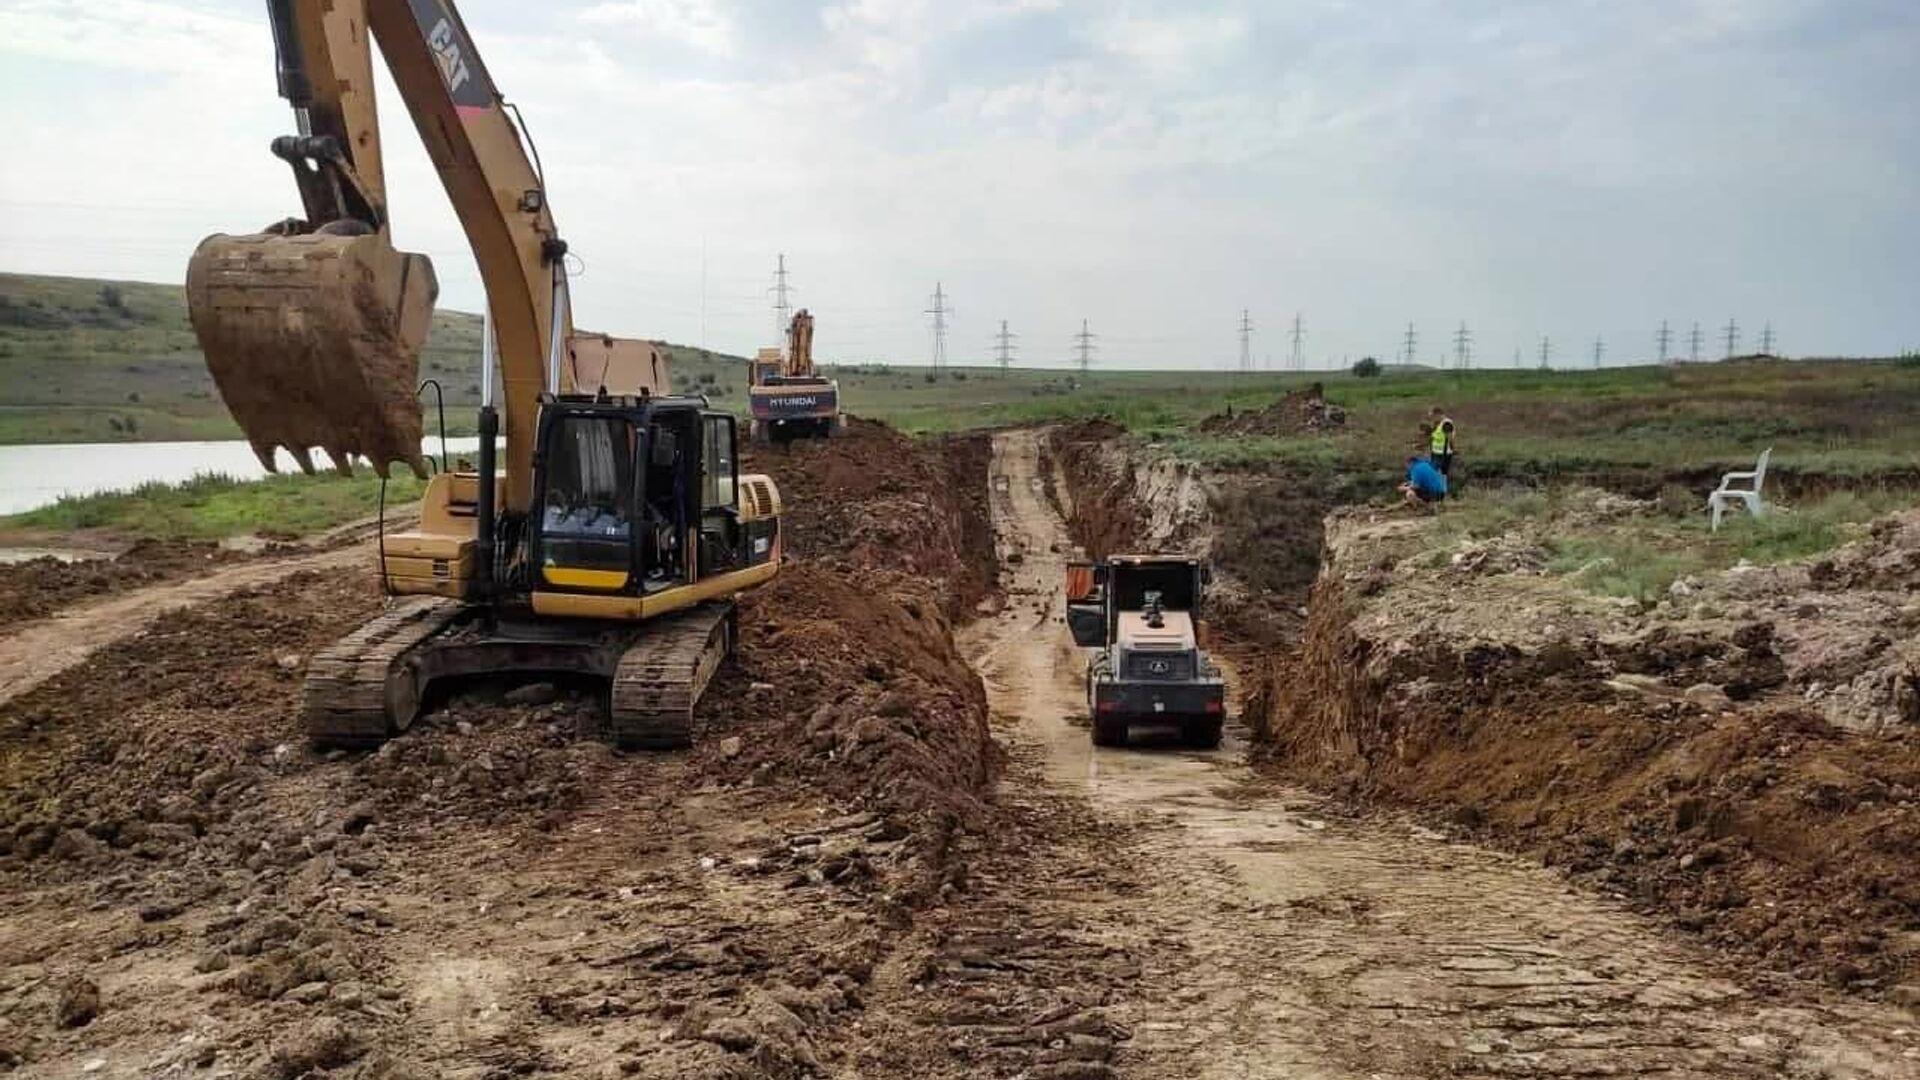 Строительство дамбы для предотвращения подтоплений на реке Булганак под Керчью - РИА Новости, 1920, 16.09.2021